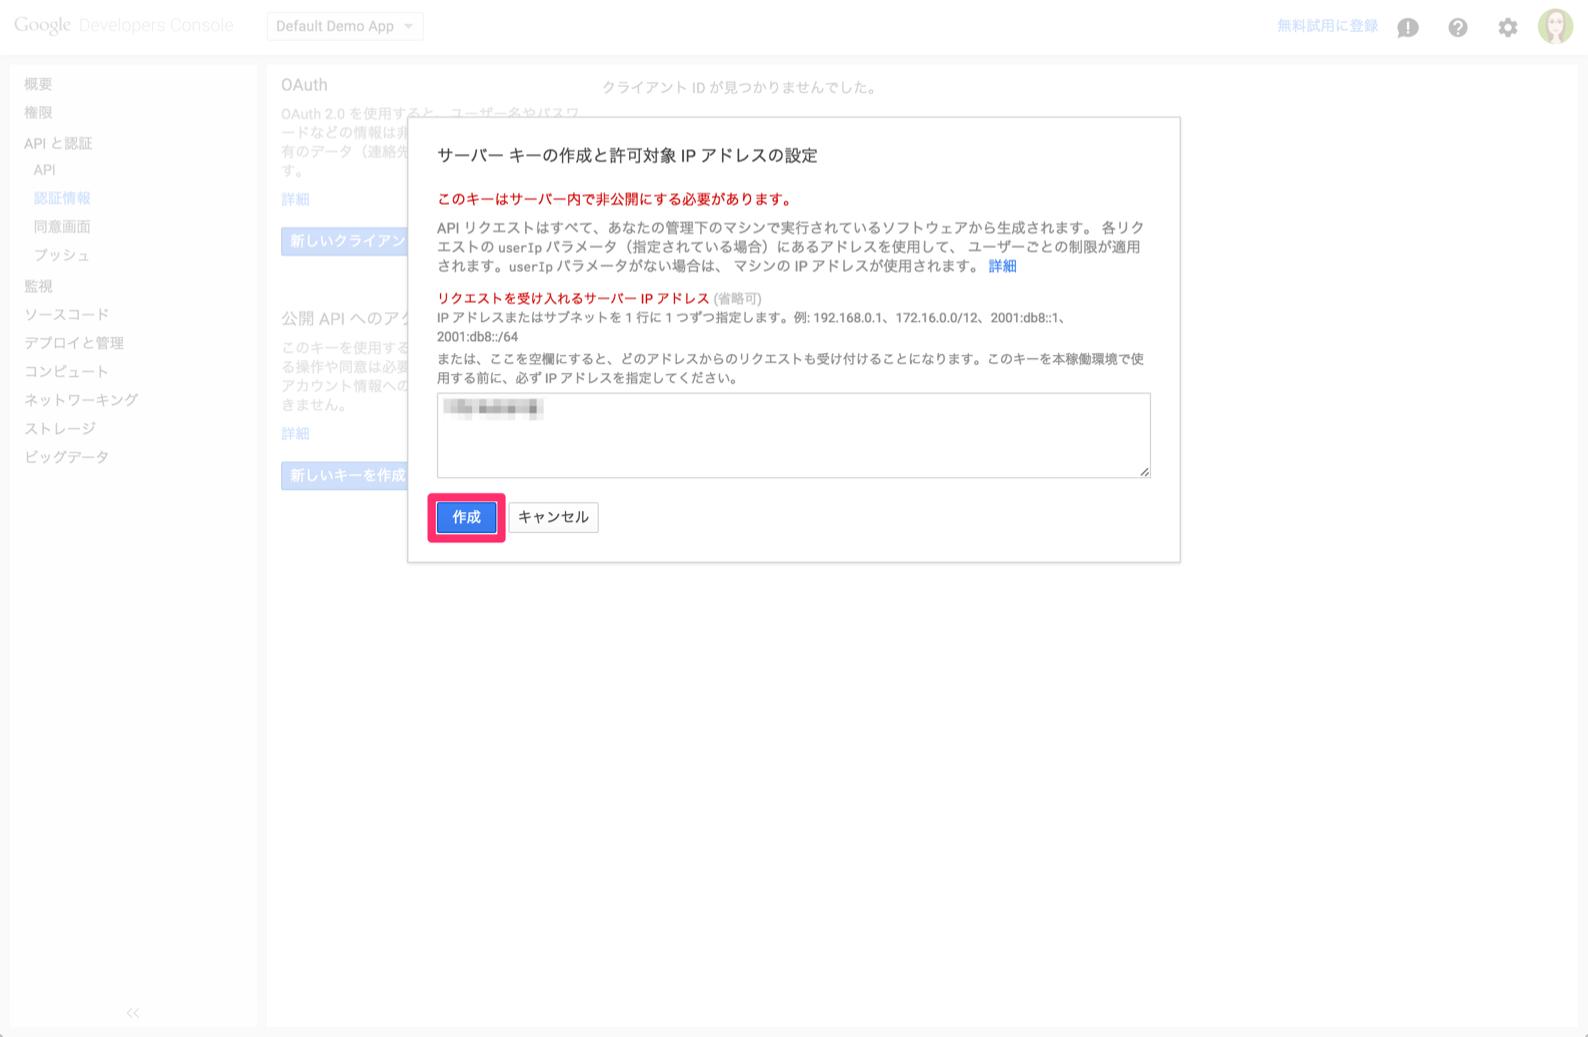 認証情報_-_Default_Demo_App3.png